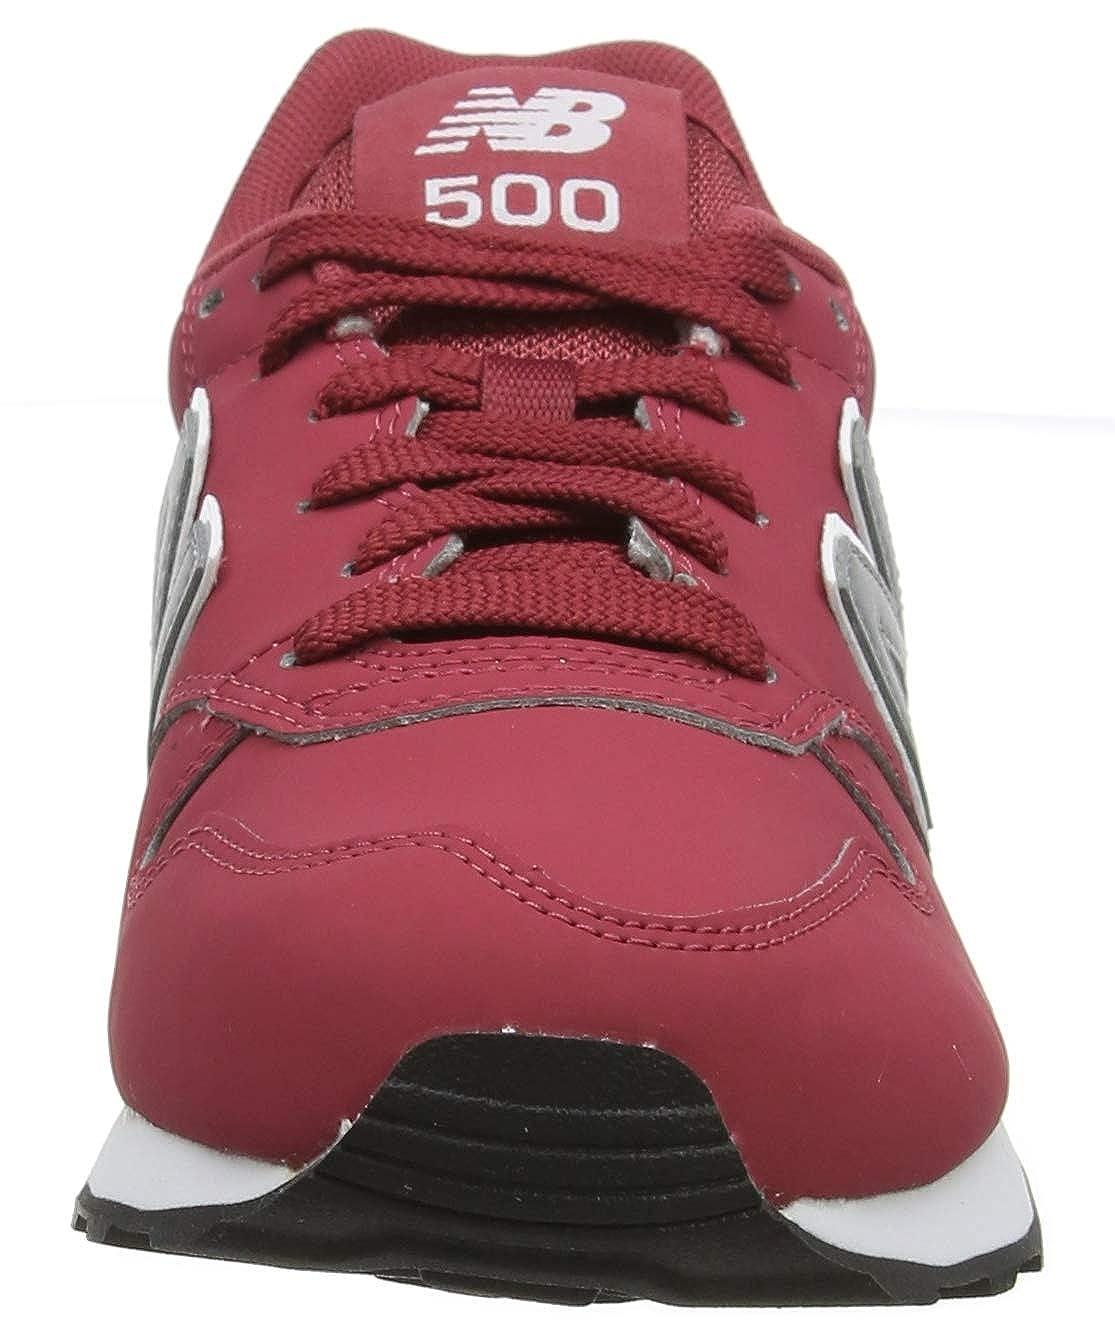 Mr.   Ms. New Balance Balance Balance 500, Scarpe Sportive Donna Prezzo di vendita Negozio online Vendita calda stagionale   Funzione speciale  ba15cf